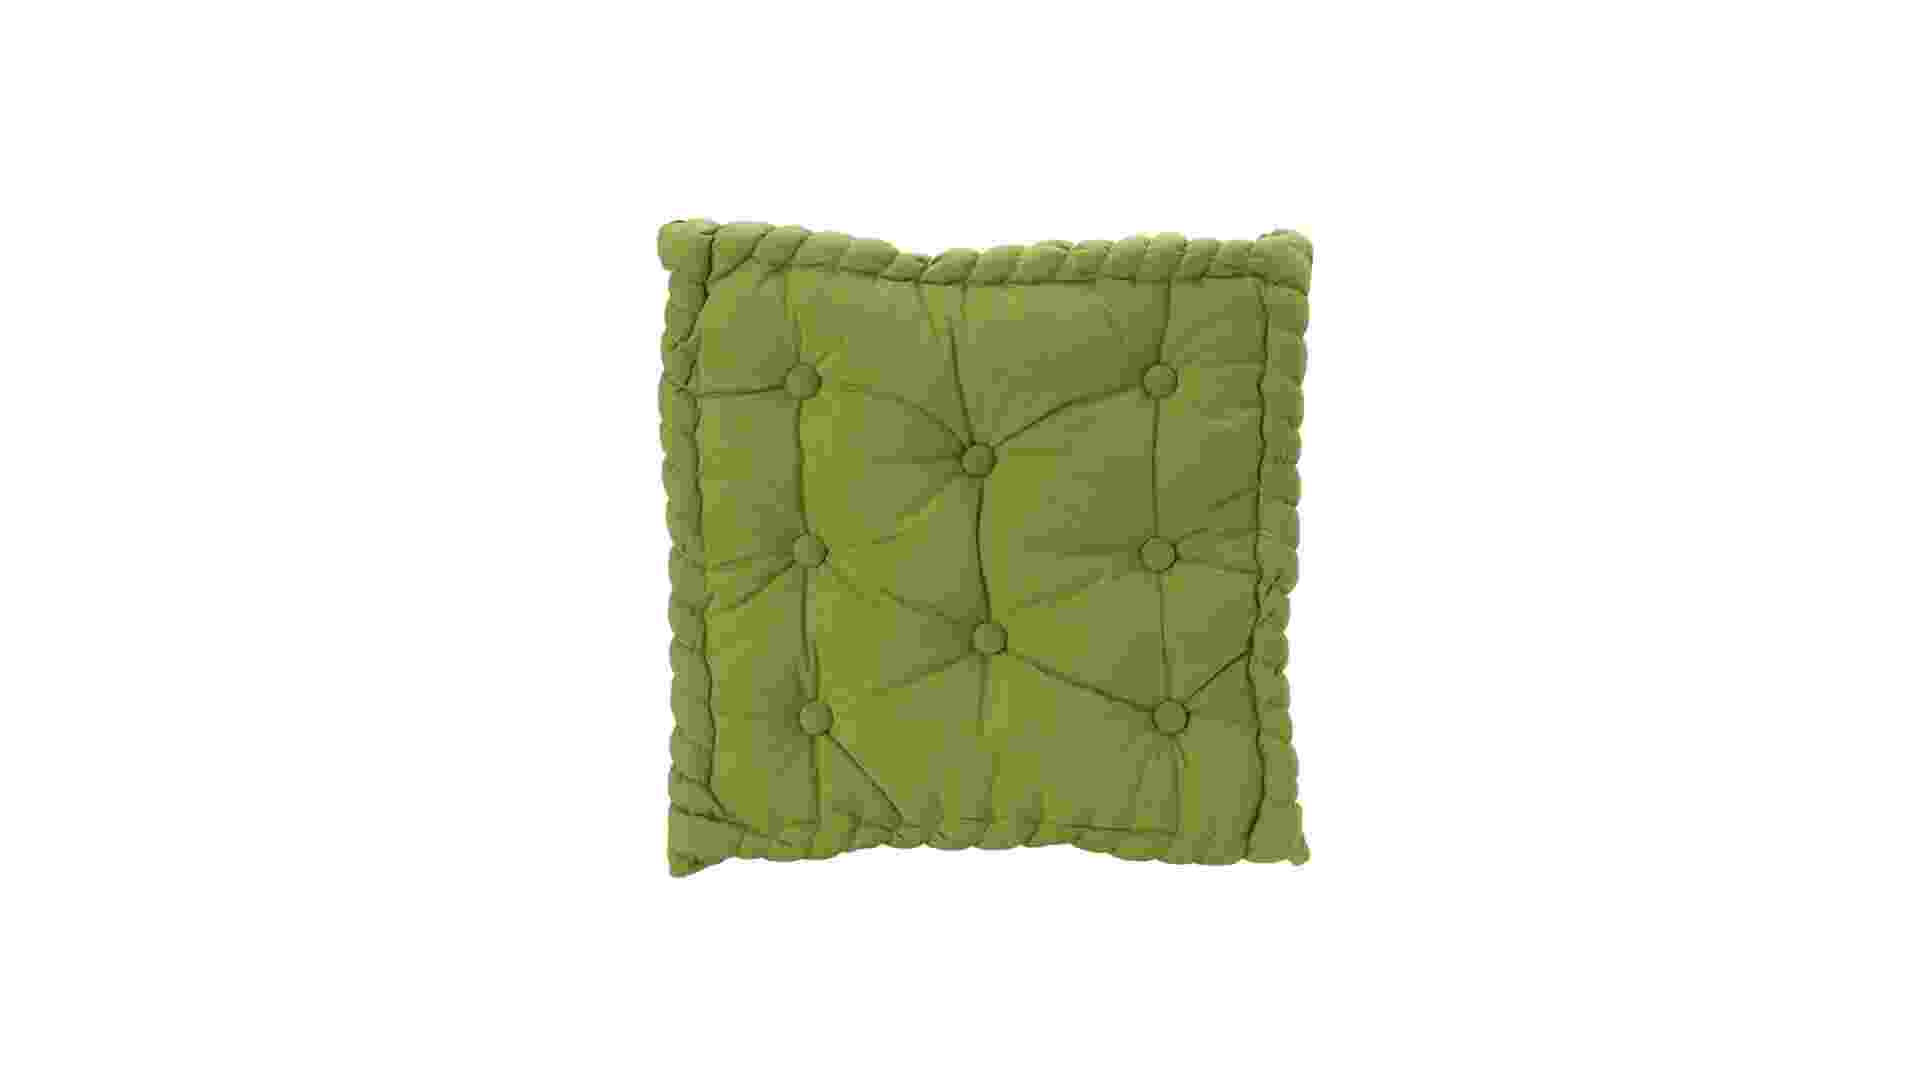 Sentar próximo ao chão pode ser muito mais refrescante e os futons existem justamente para isso. Esse modelo de 38 cm x 38 cm é produzido em algodão em   diferentes cores e pode ser adquirido na Etna (www.etna.com.br) por R$ 49,99. Preços pesquisados em janeiro de 2013 e sujeitos a alterações - Divulgação